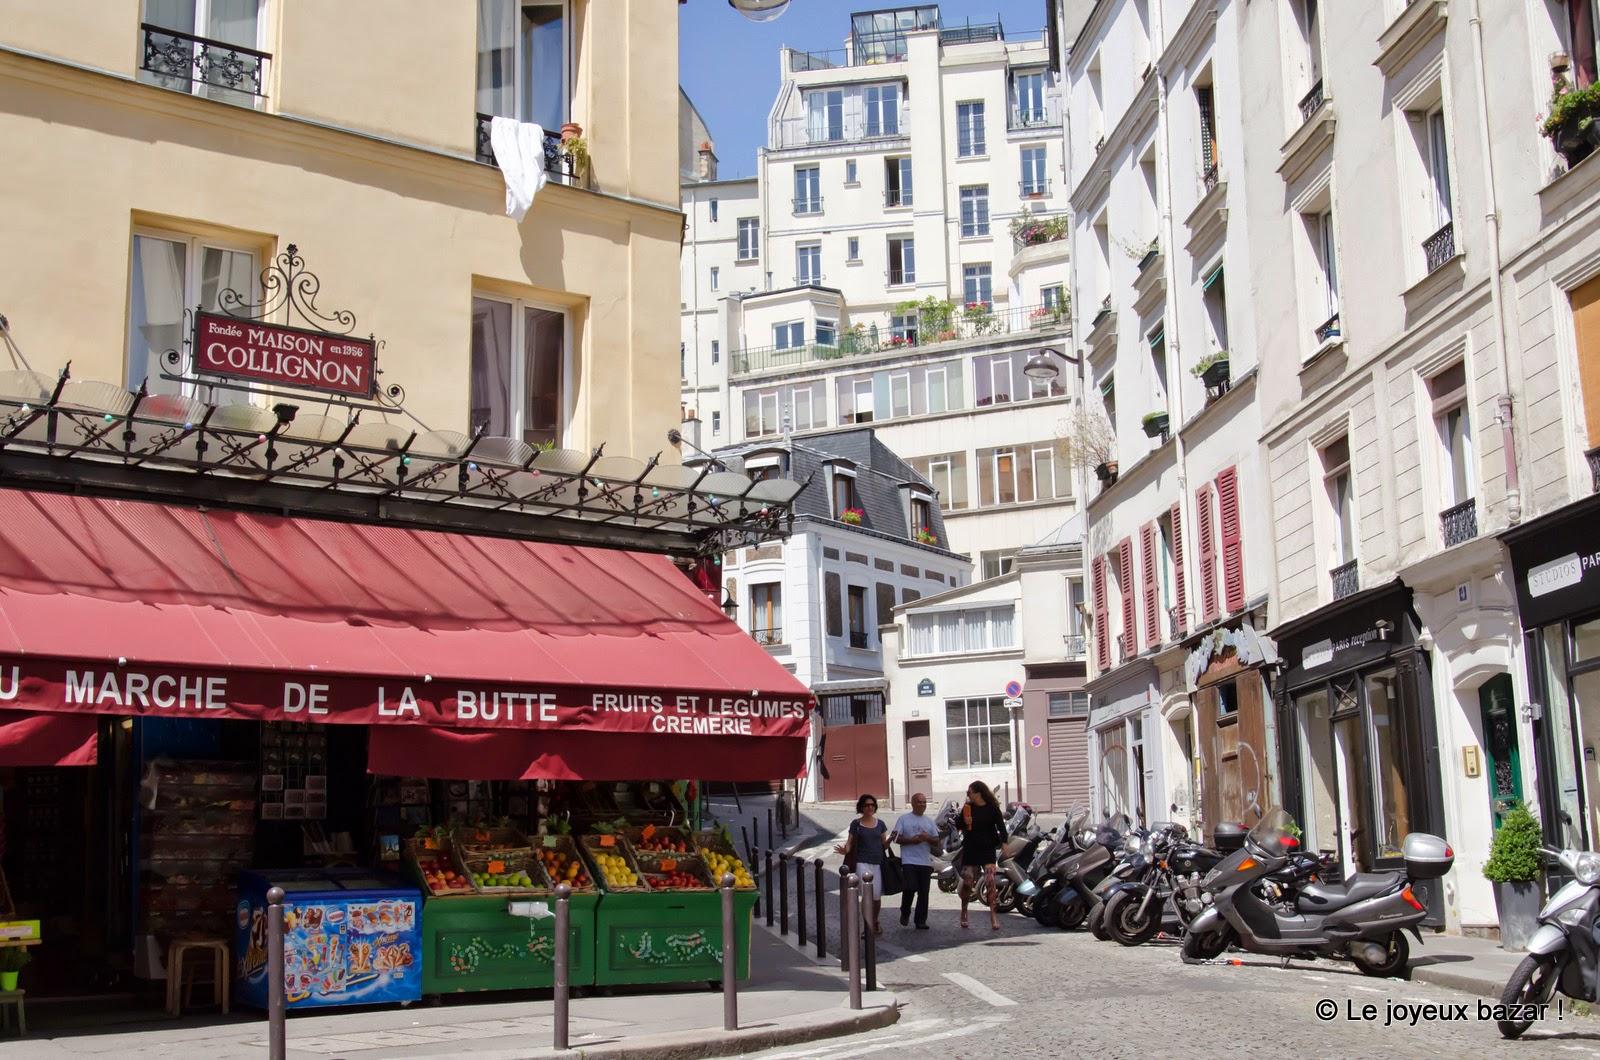 Paris - Montmartre - maison Collignon